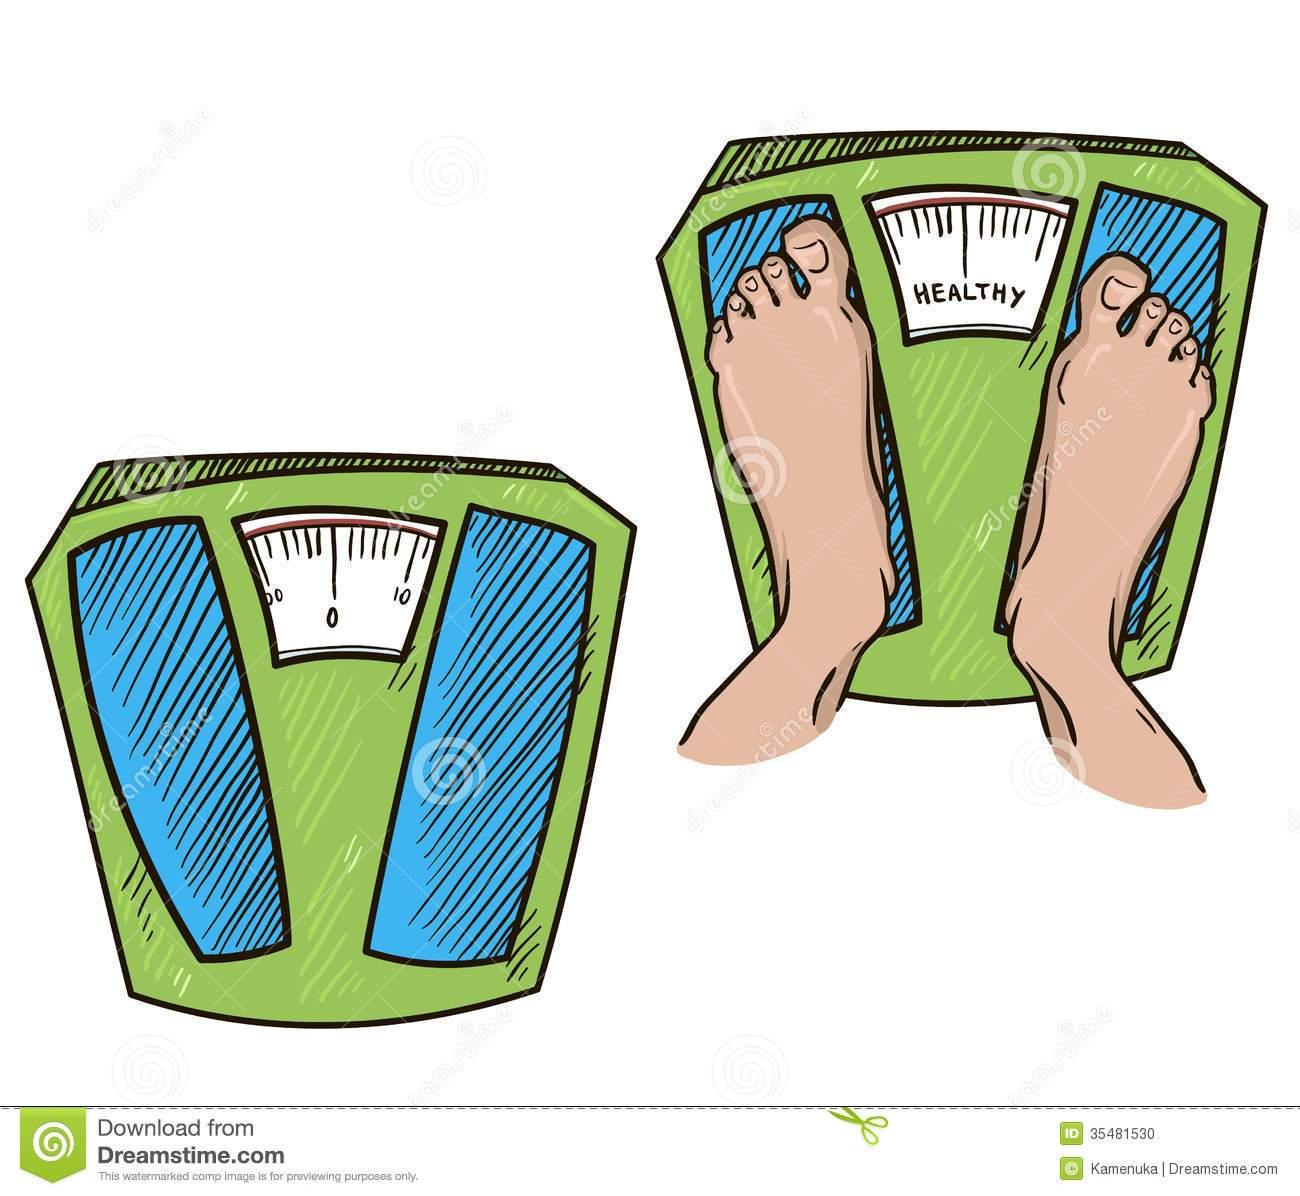 Weight clipart human weight machine. Portal